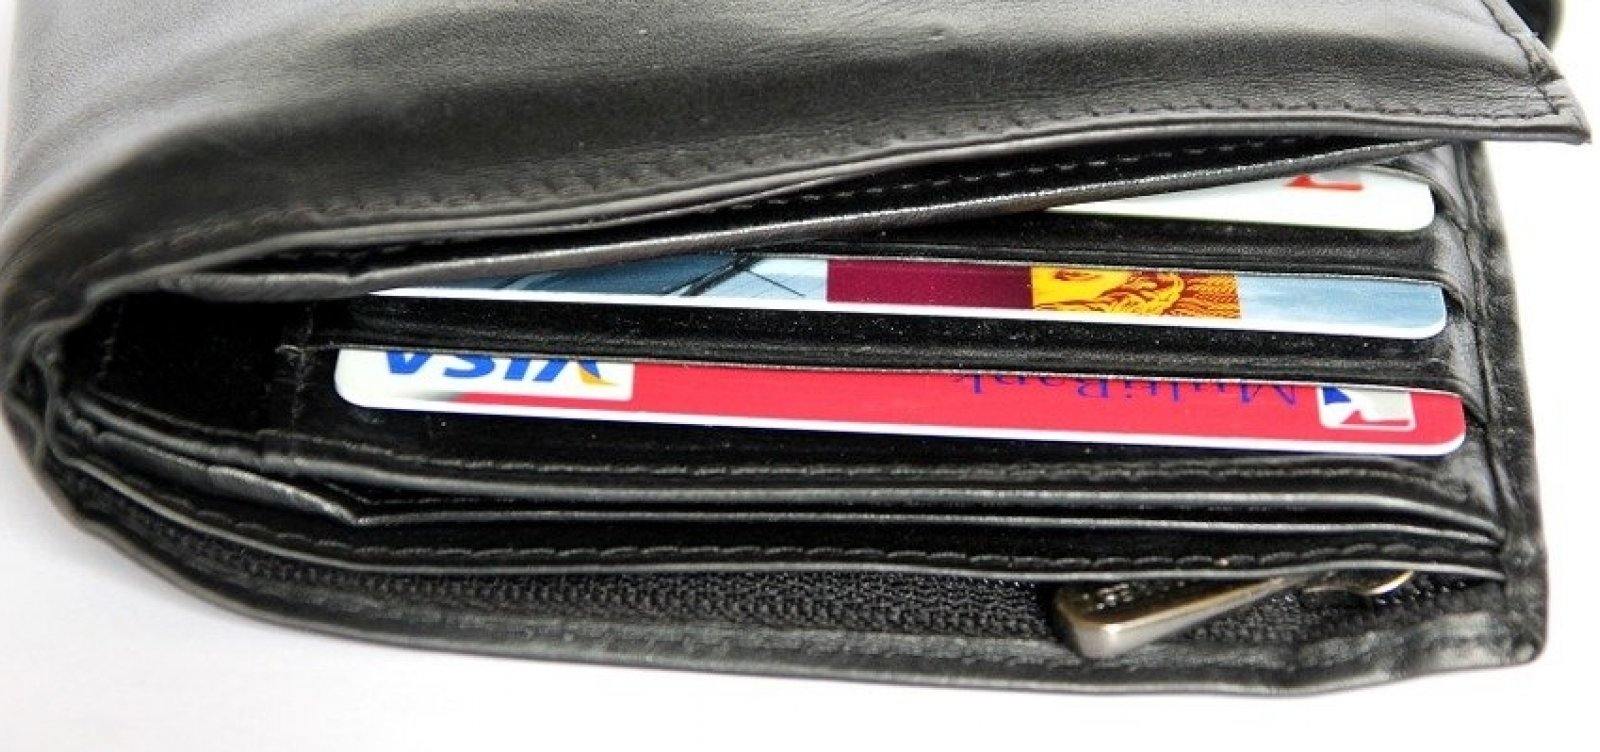 Dívidas reestruturadas por clientes de baixa renda somam R$ 1,2 bilhão